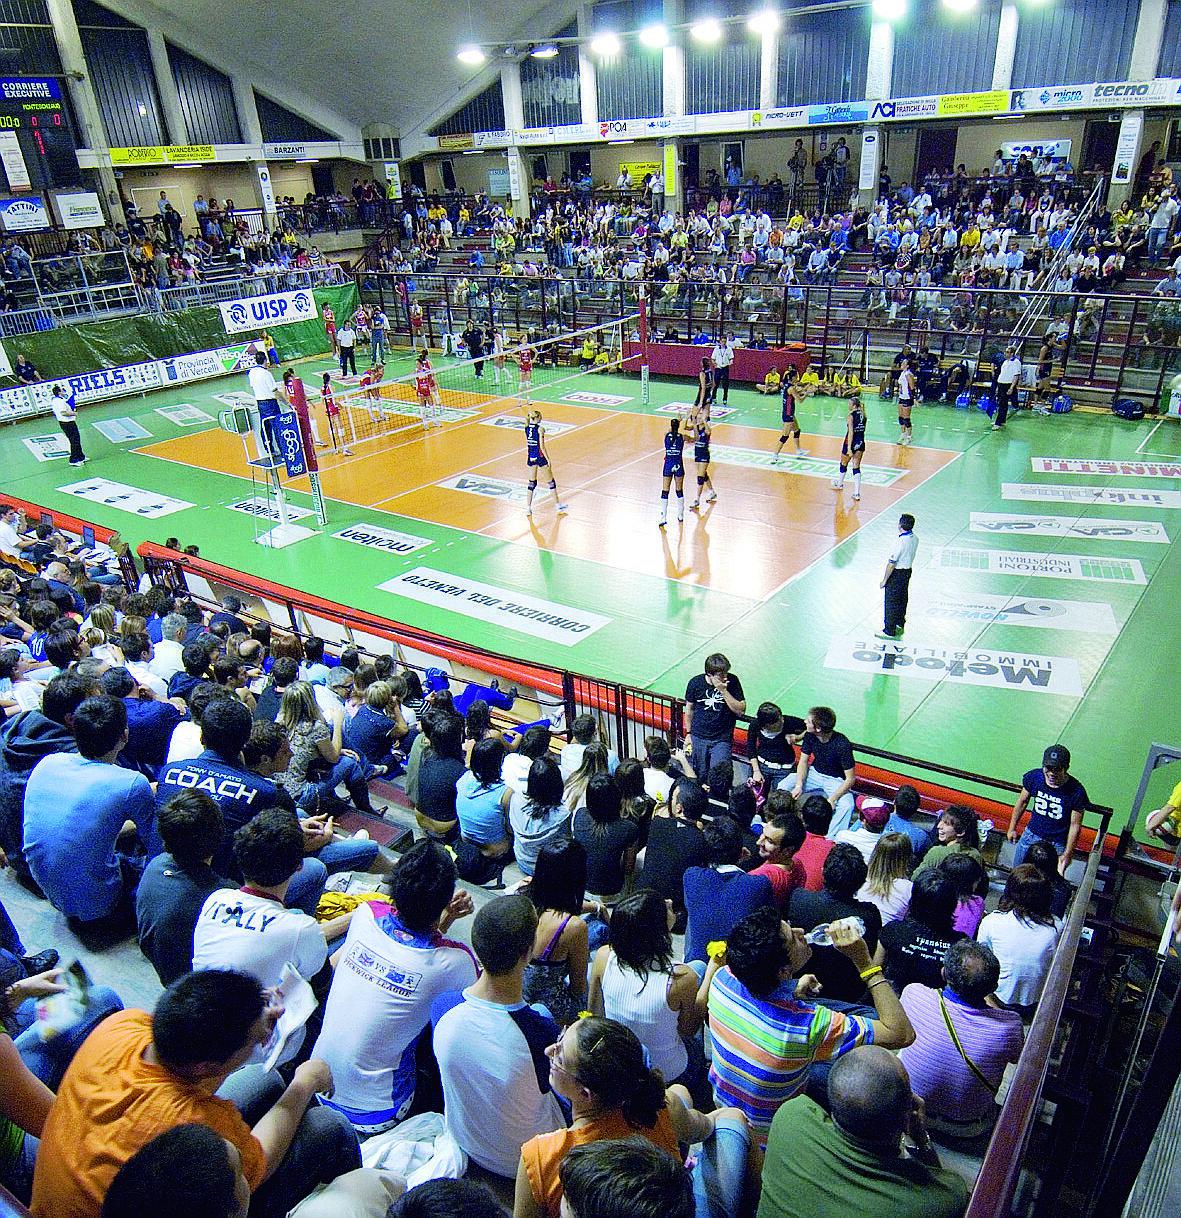 A Imola a metà settembre il Mc Donald's di volley femminile